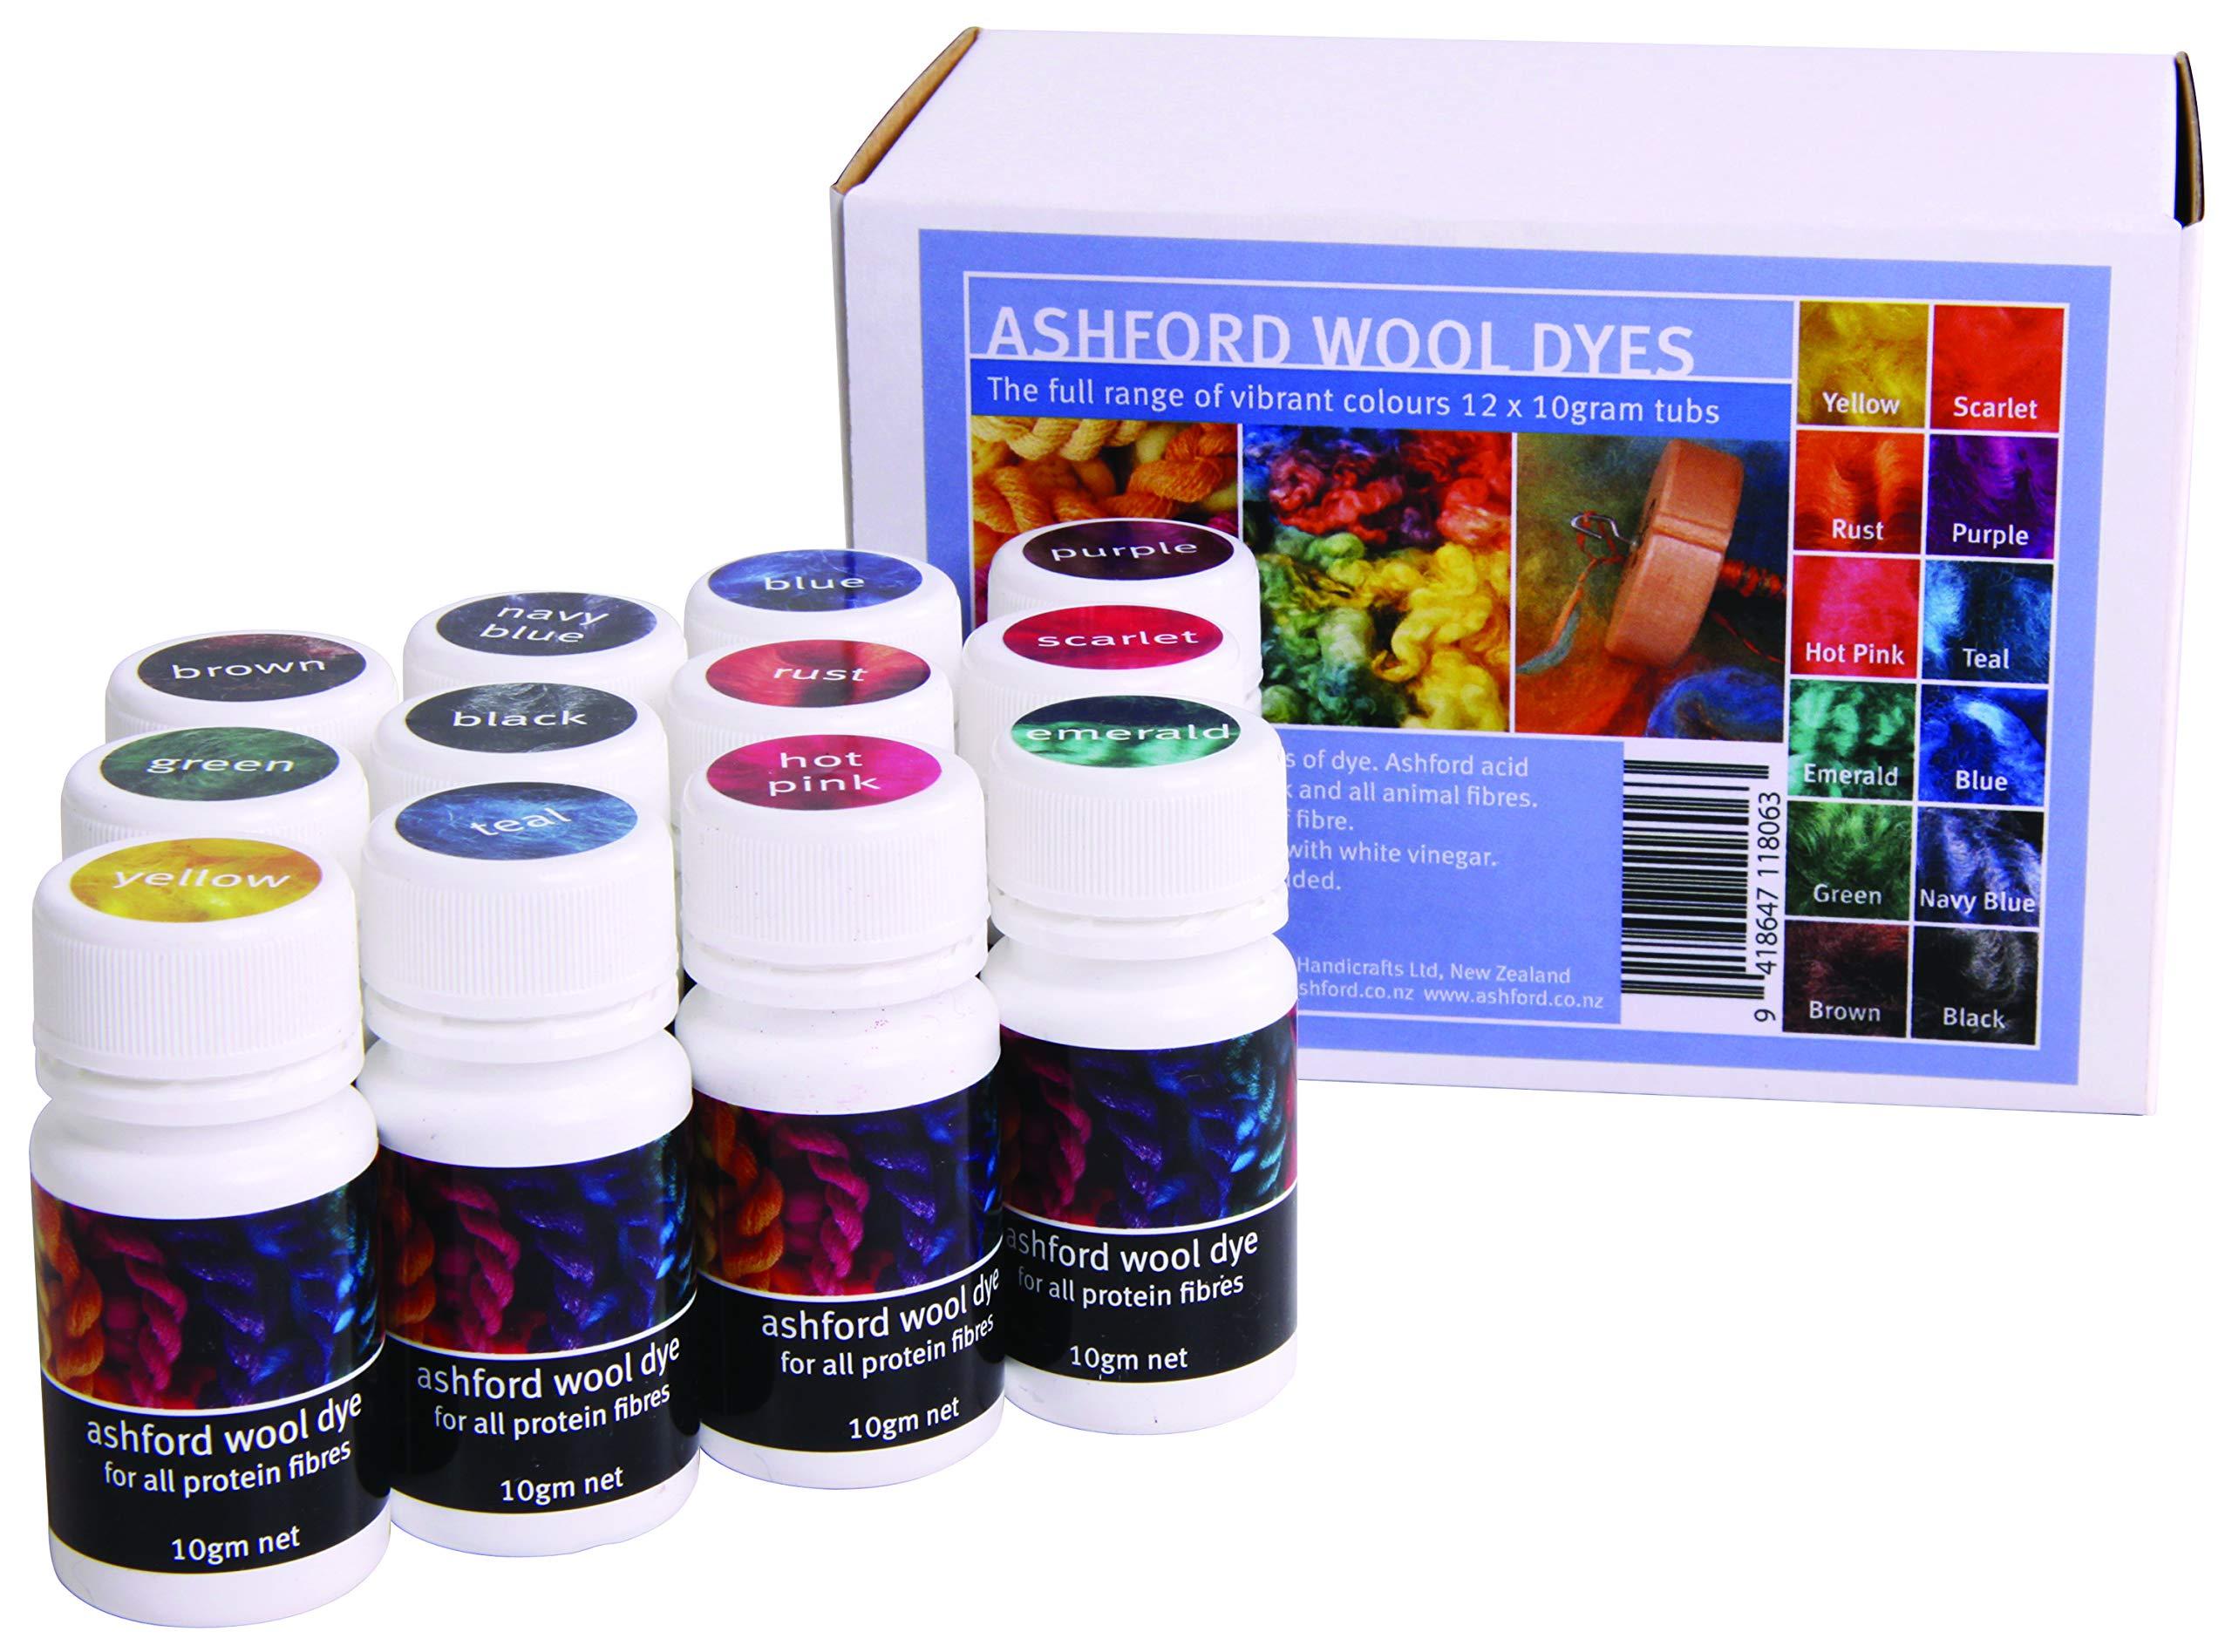 Ashford Wool Dye Collection Kit